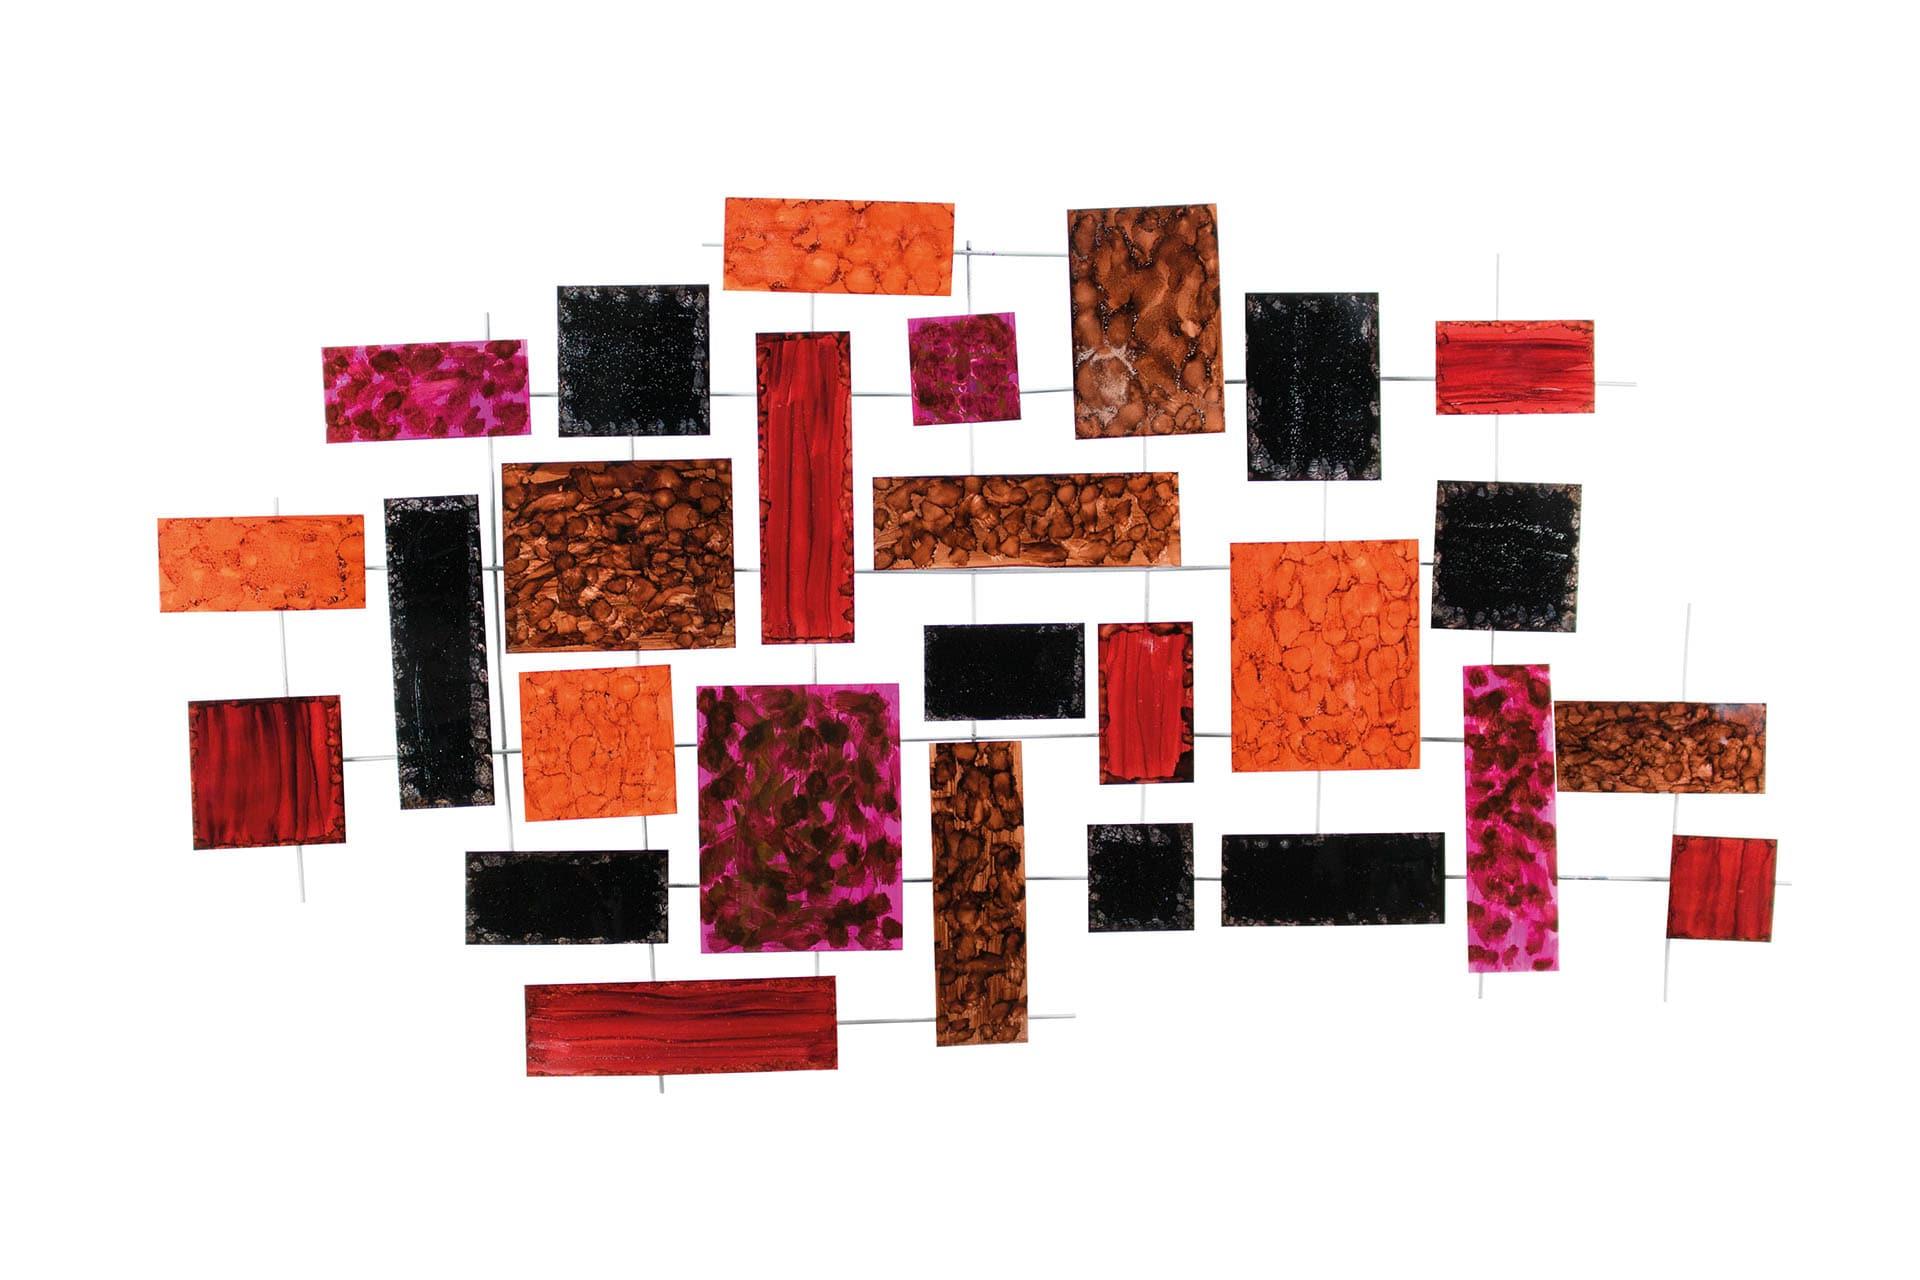 kl rechtecke ecke bunt abstrakt modern modern deko wandskulpturen 01